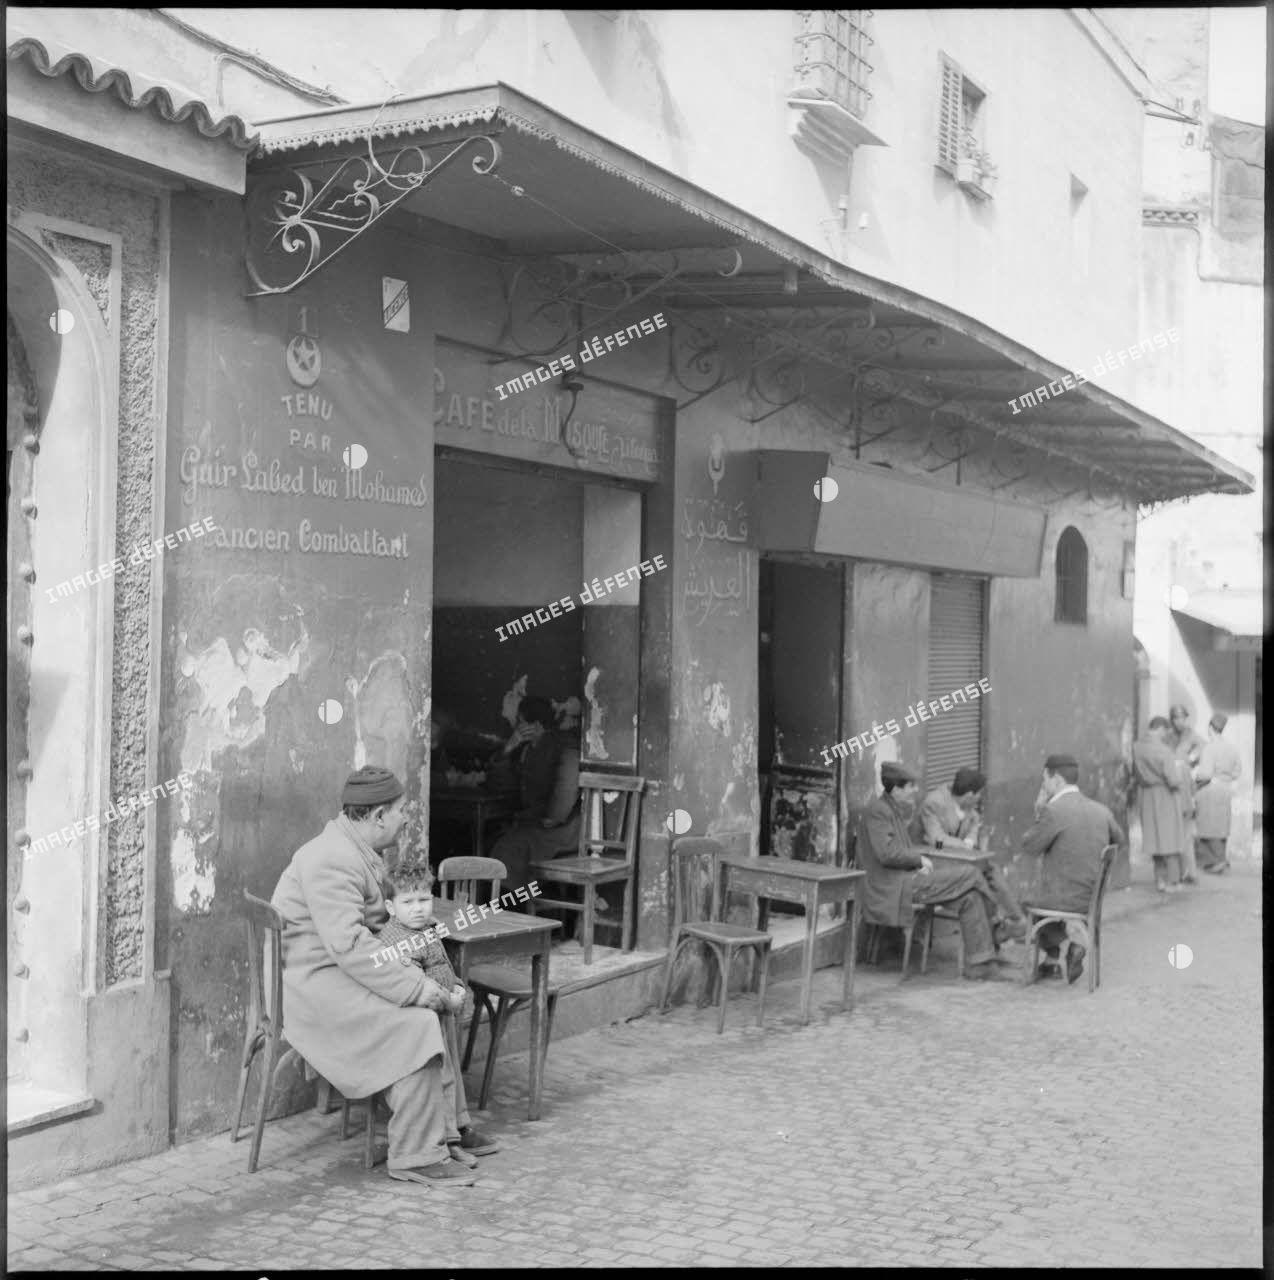 Scène de la vie quotidienne dans la casbah d'Alger.